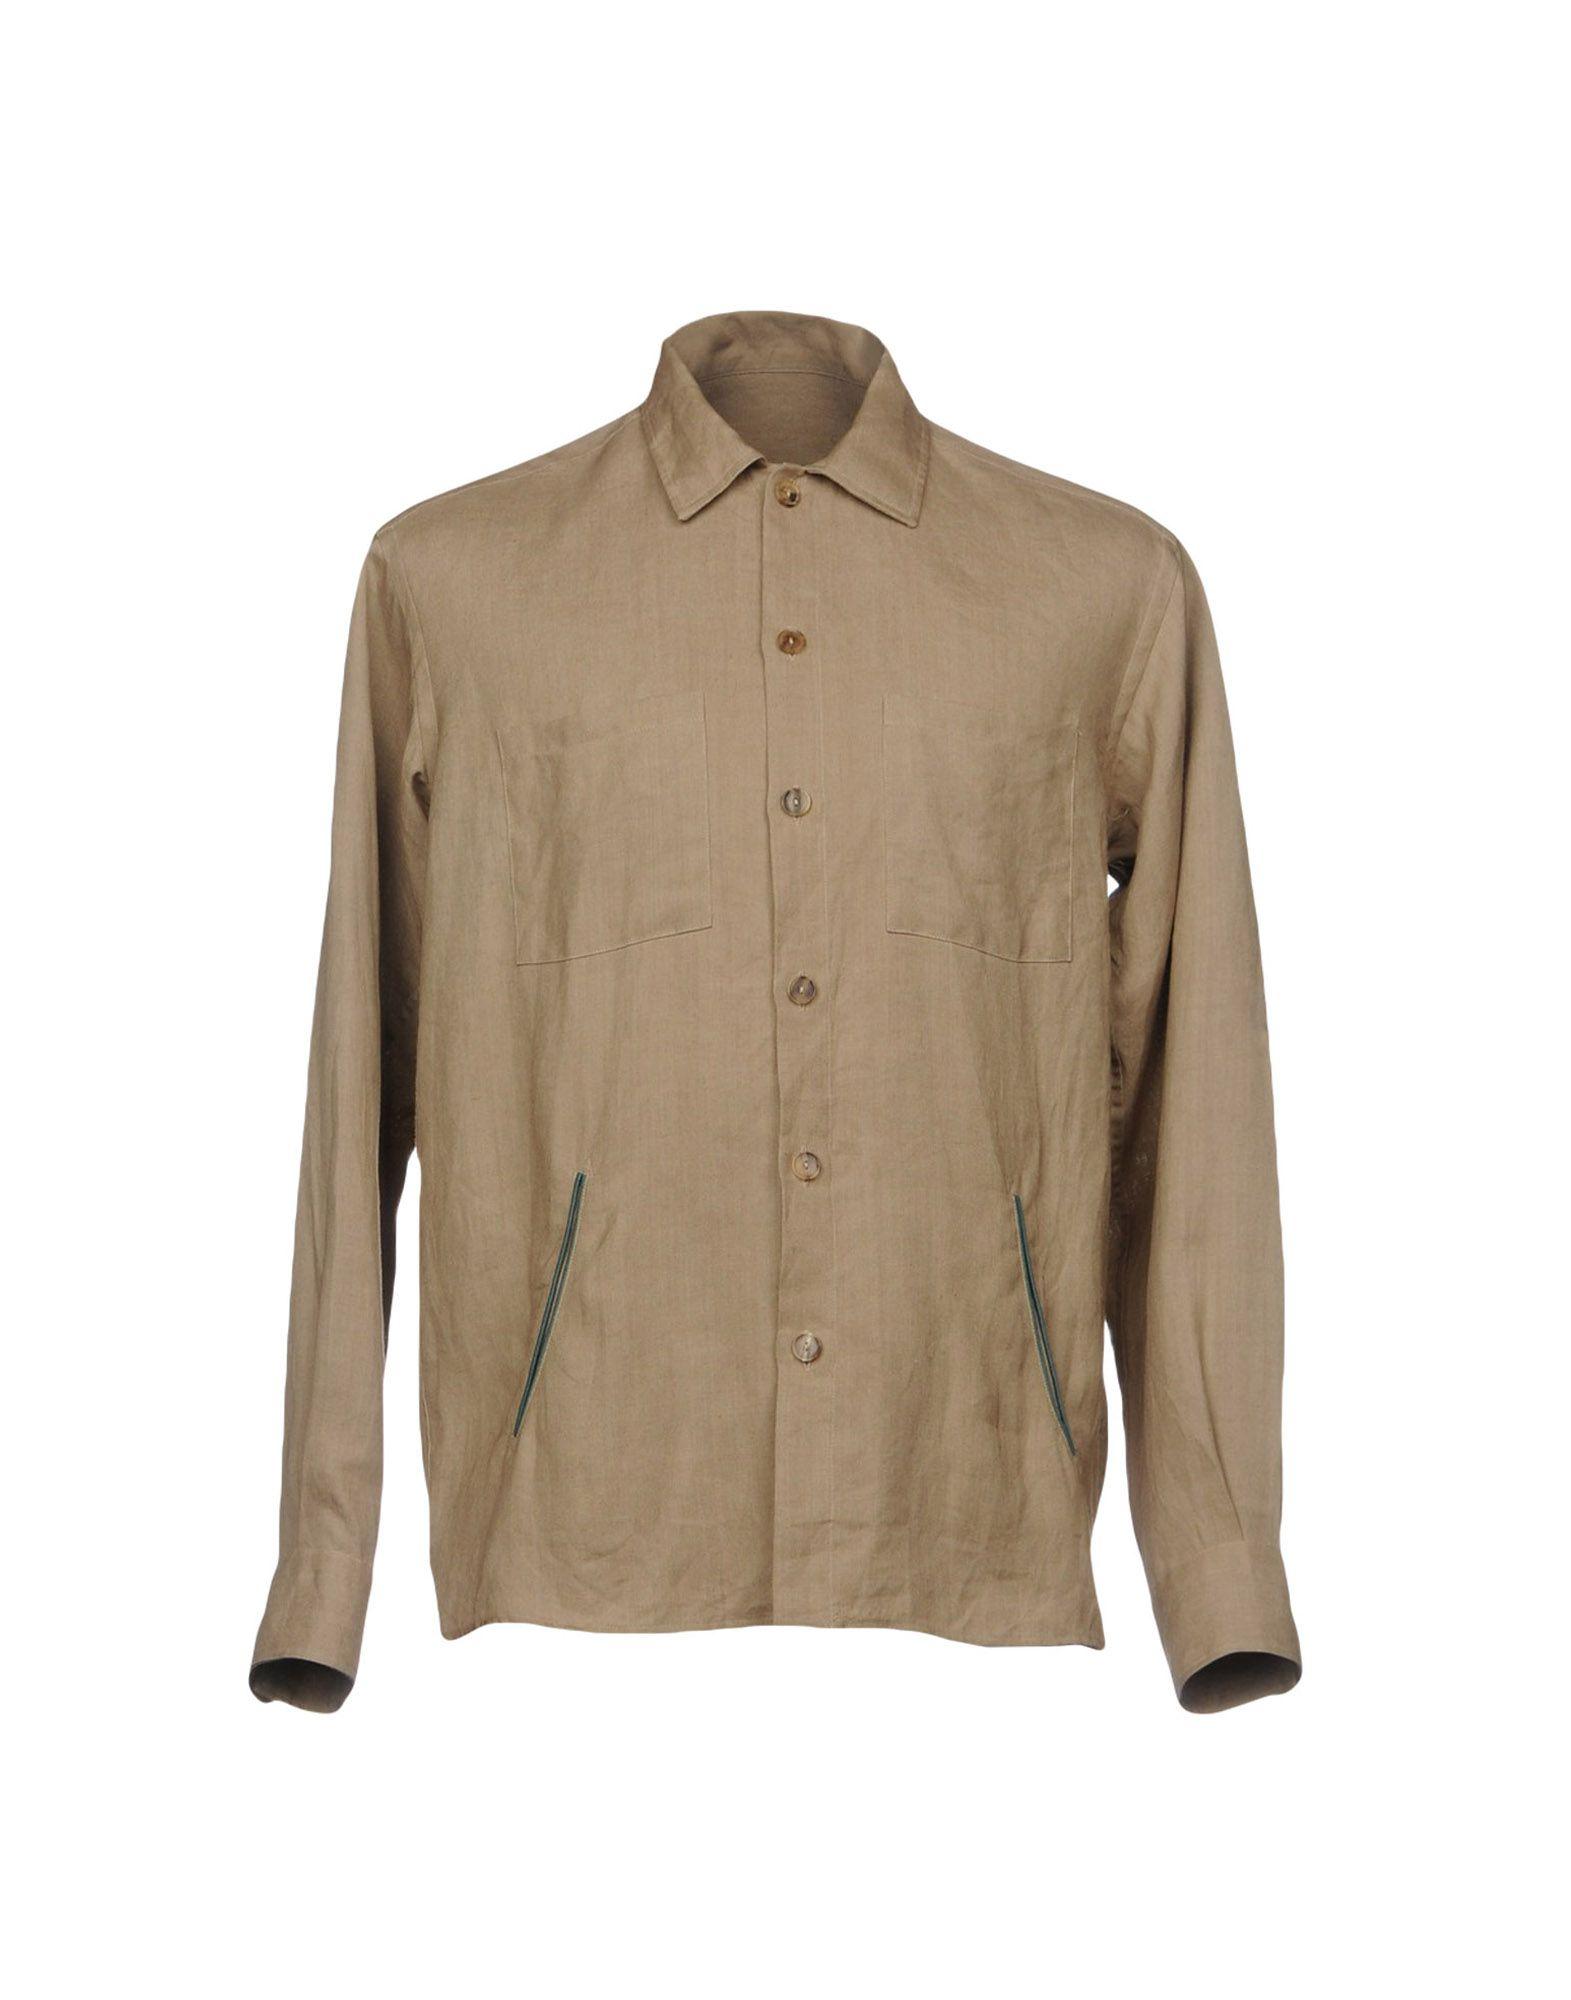 Camicia In Lino Umit Benan Uomo - Acquista online su